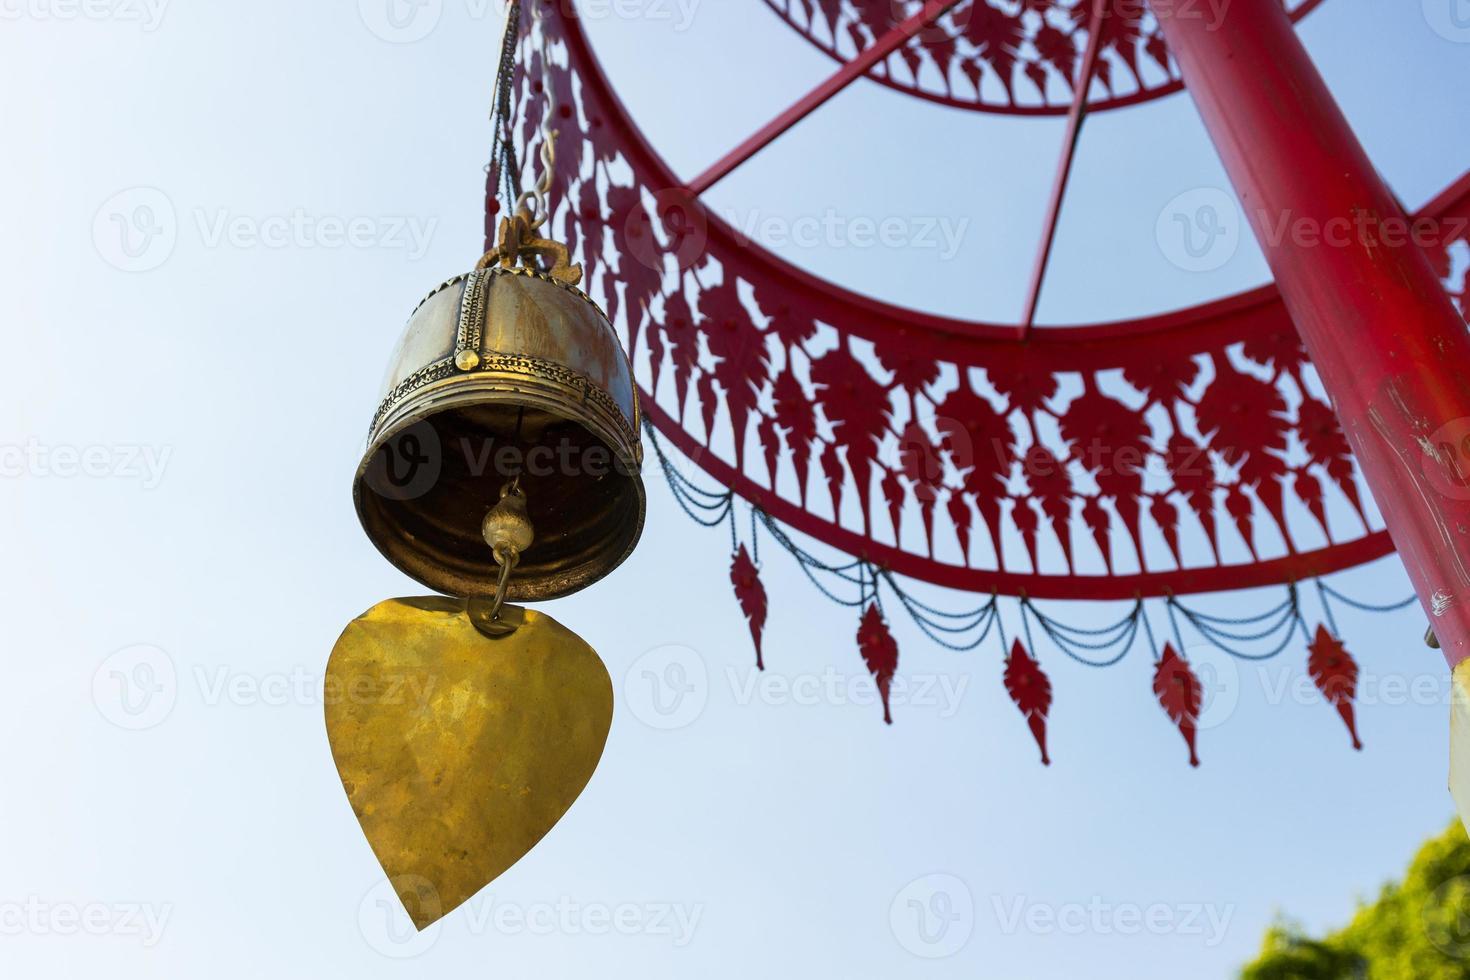 cloche suspendue à un parapluie traditionnel en métal photo